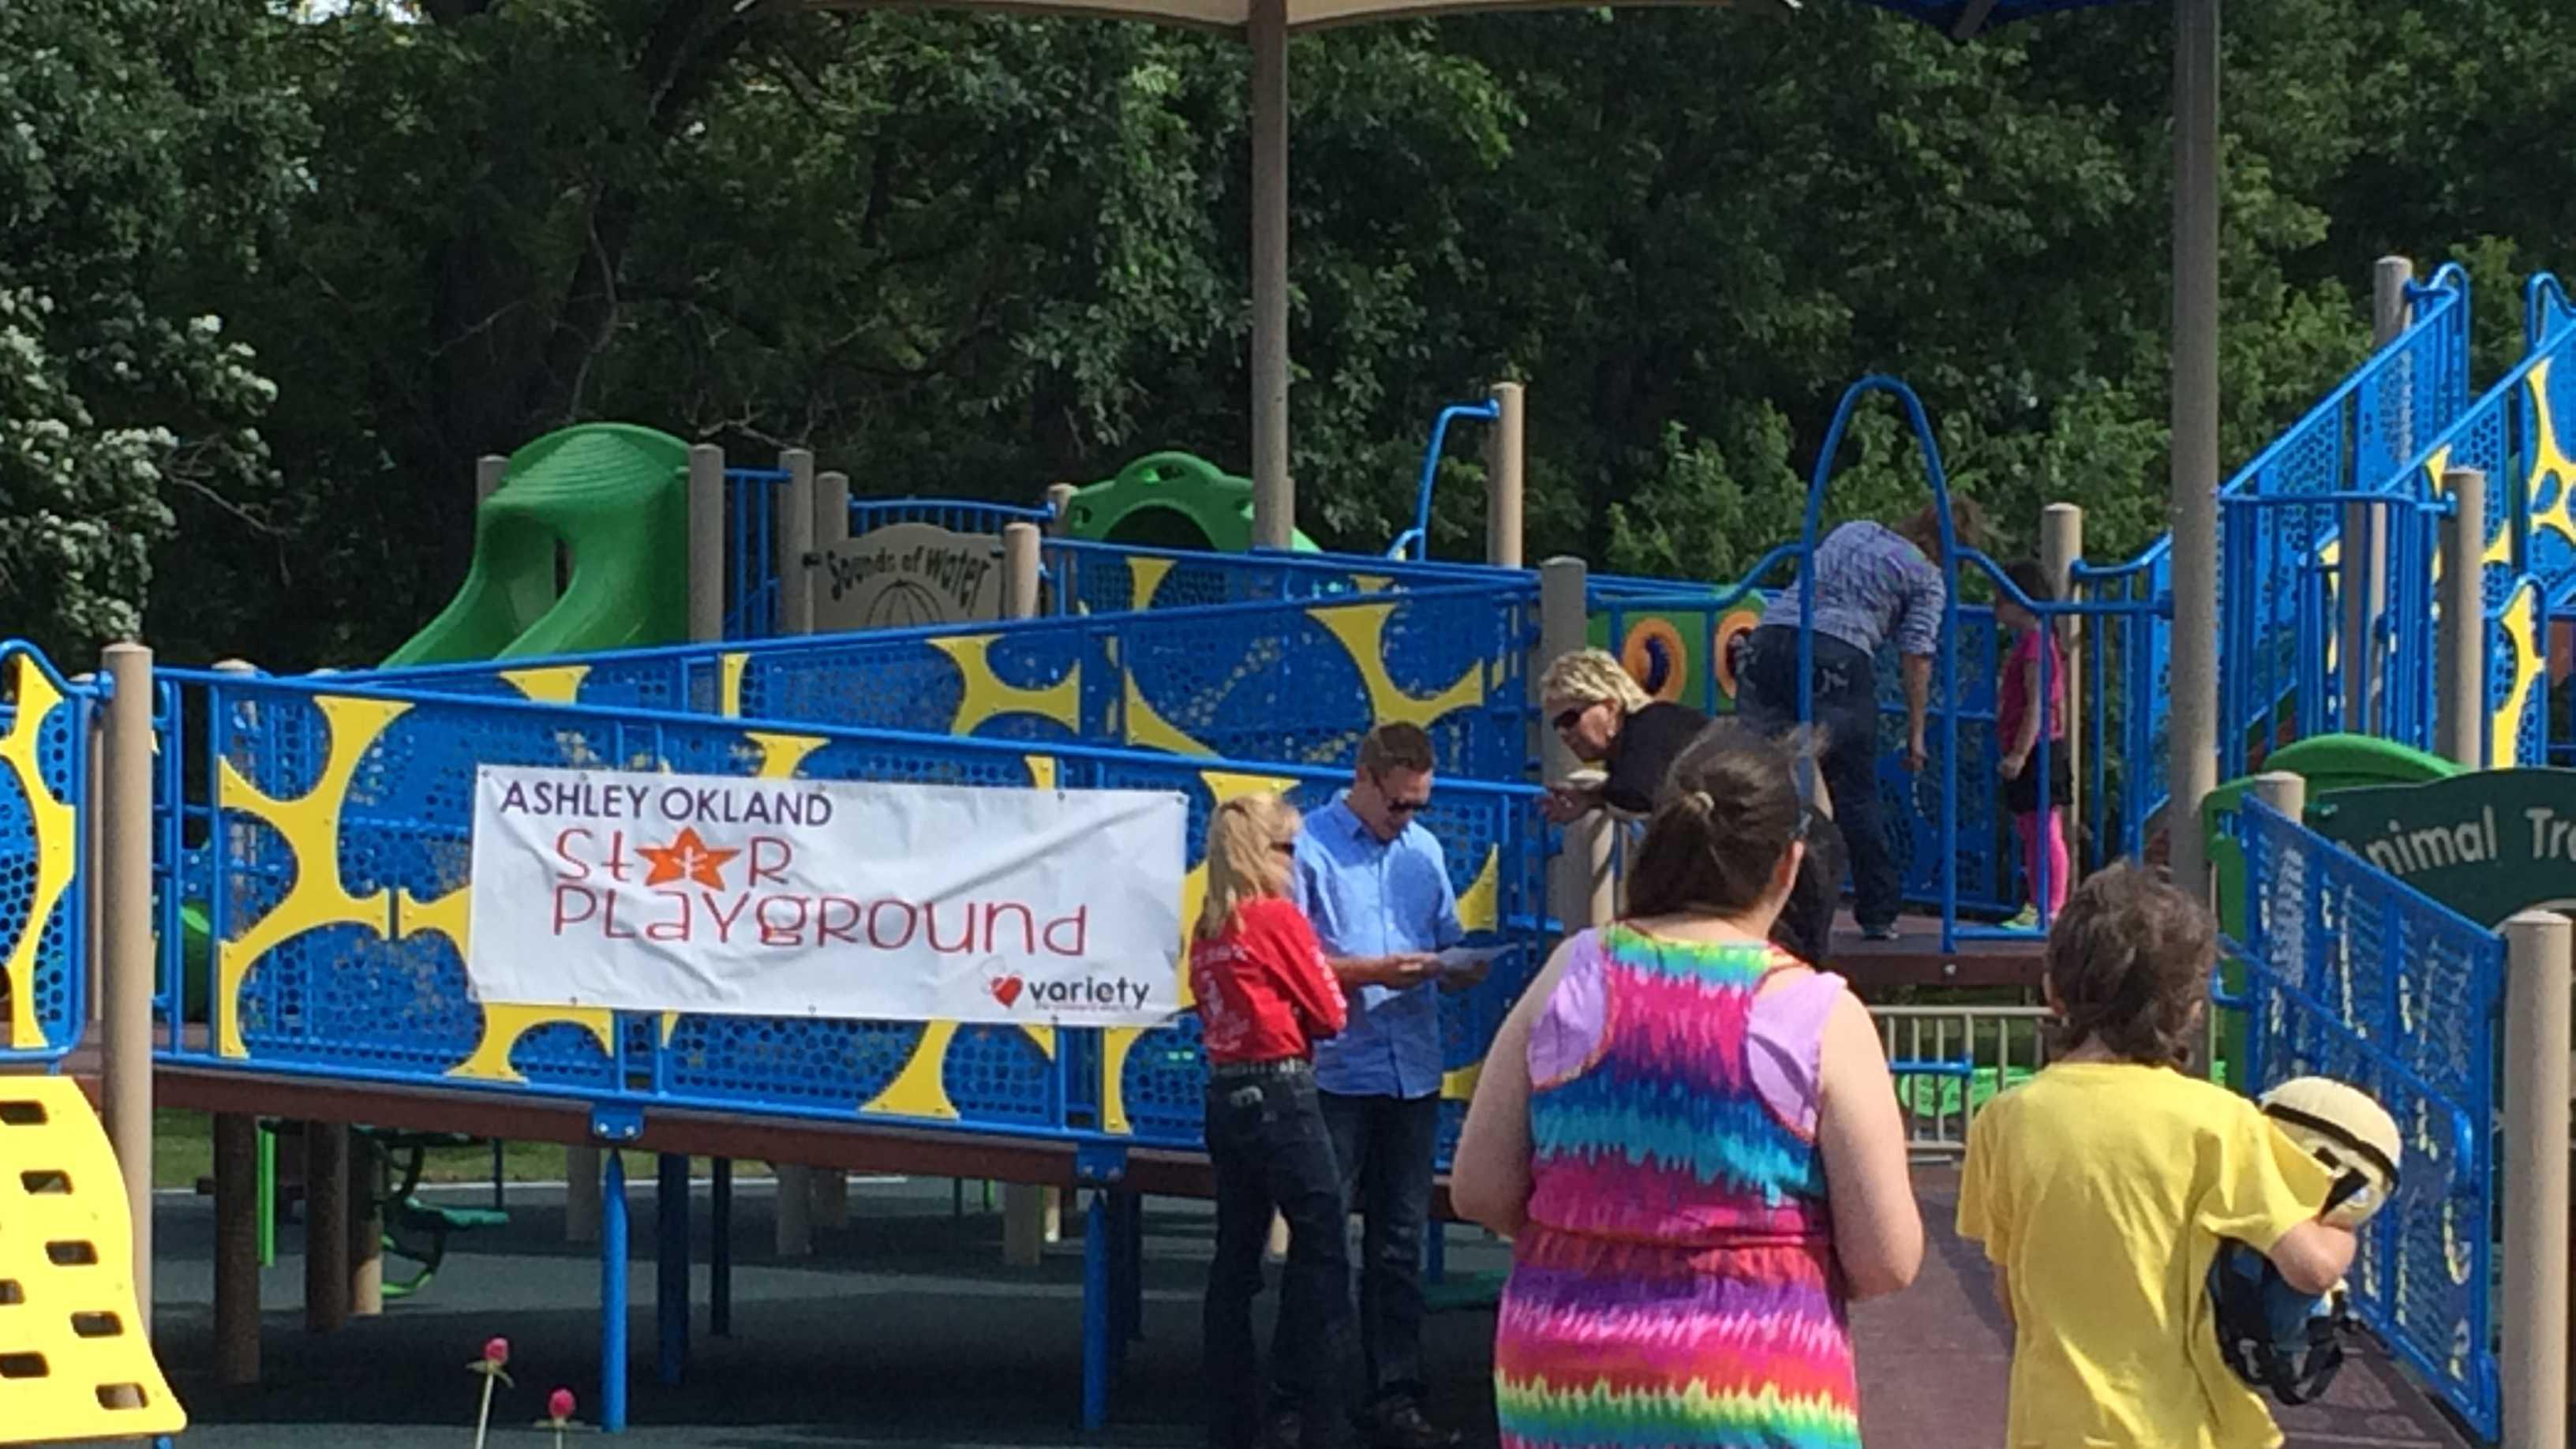 Ashley Okland Star Playground